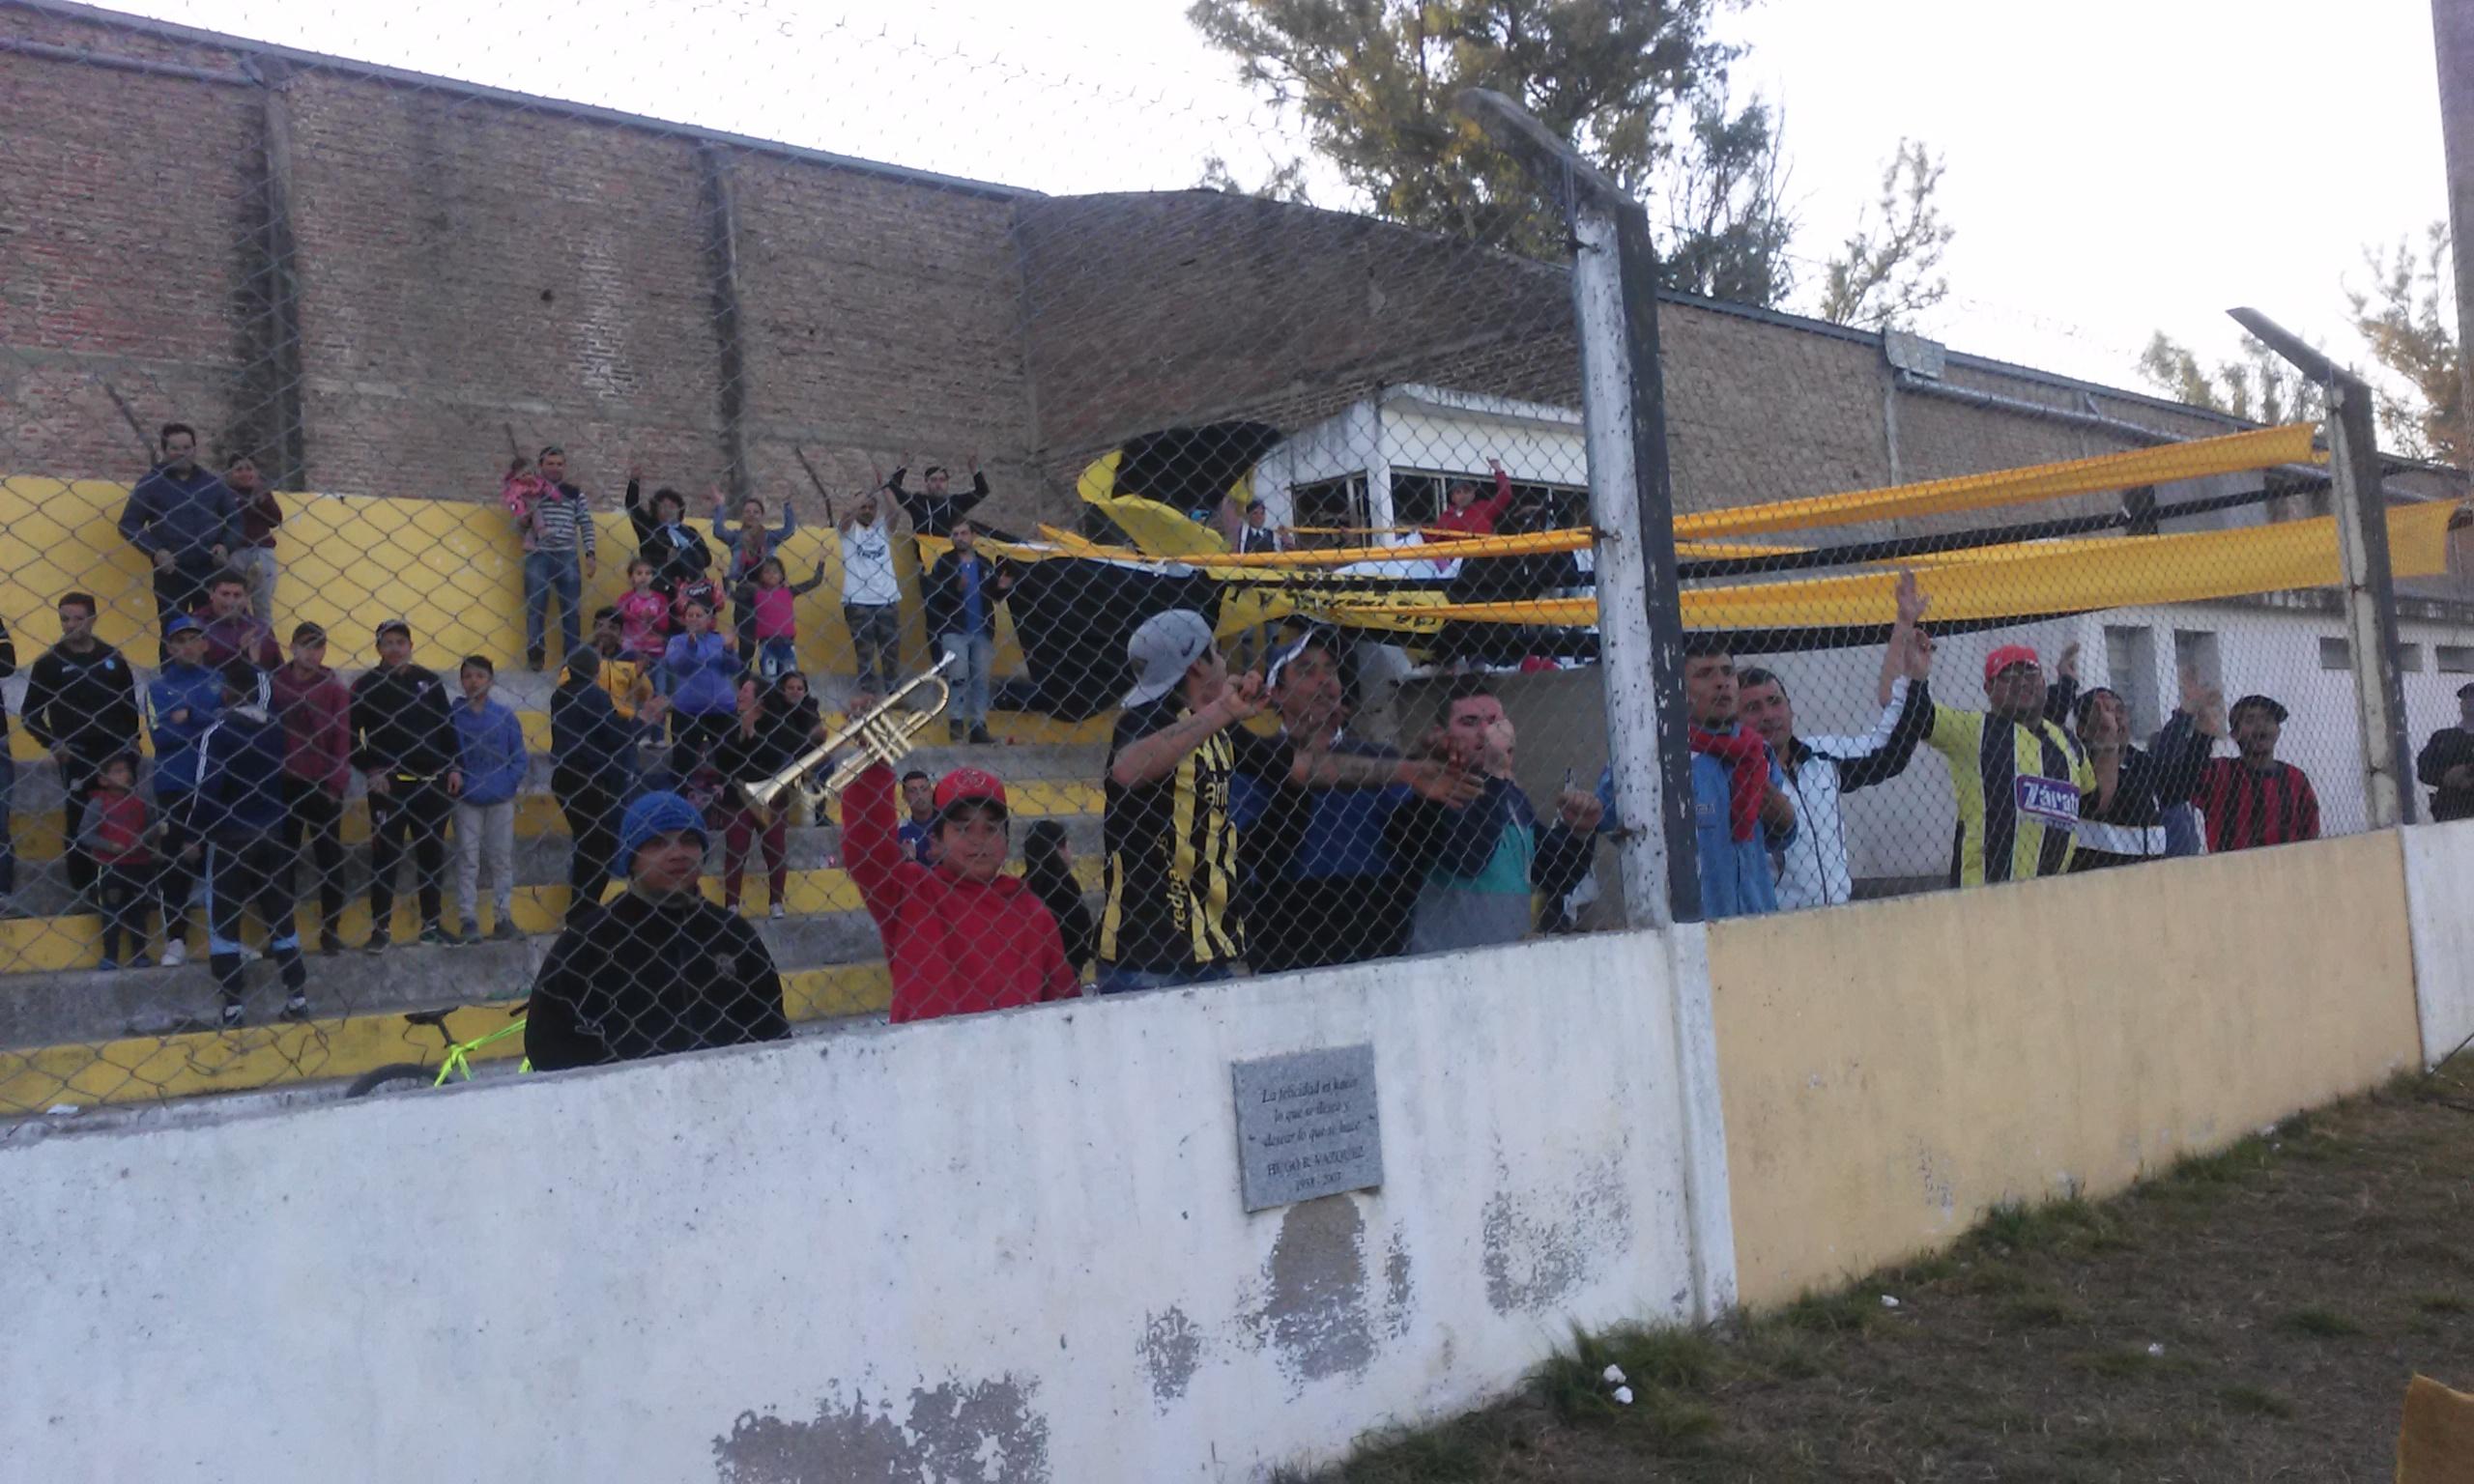 Fútbol: Deportivo Norte visita hoy a Banfield en Córdoba